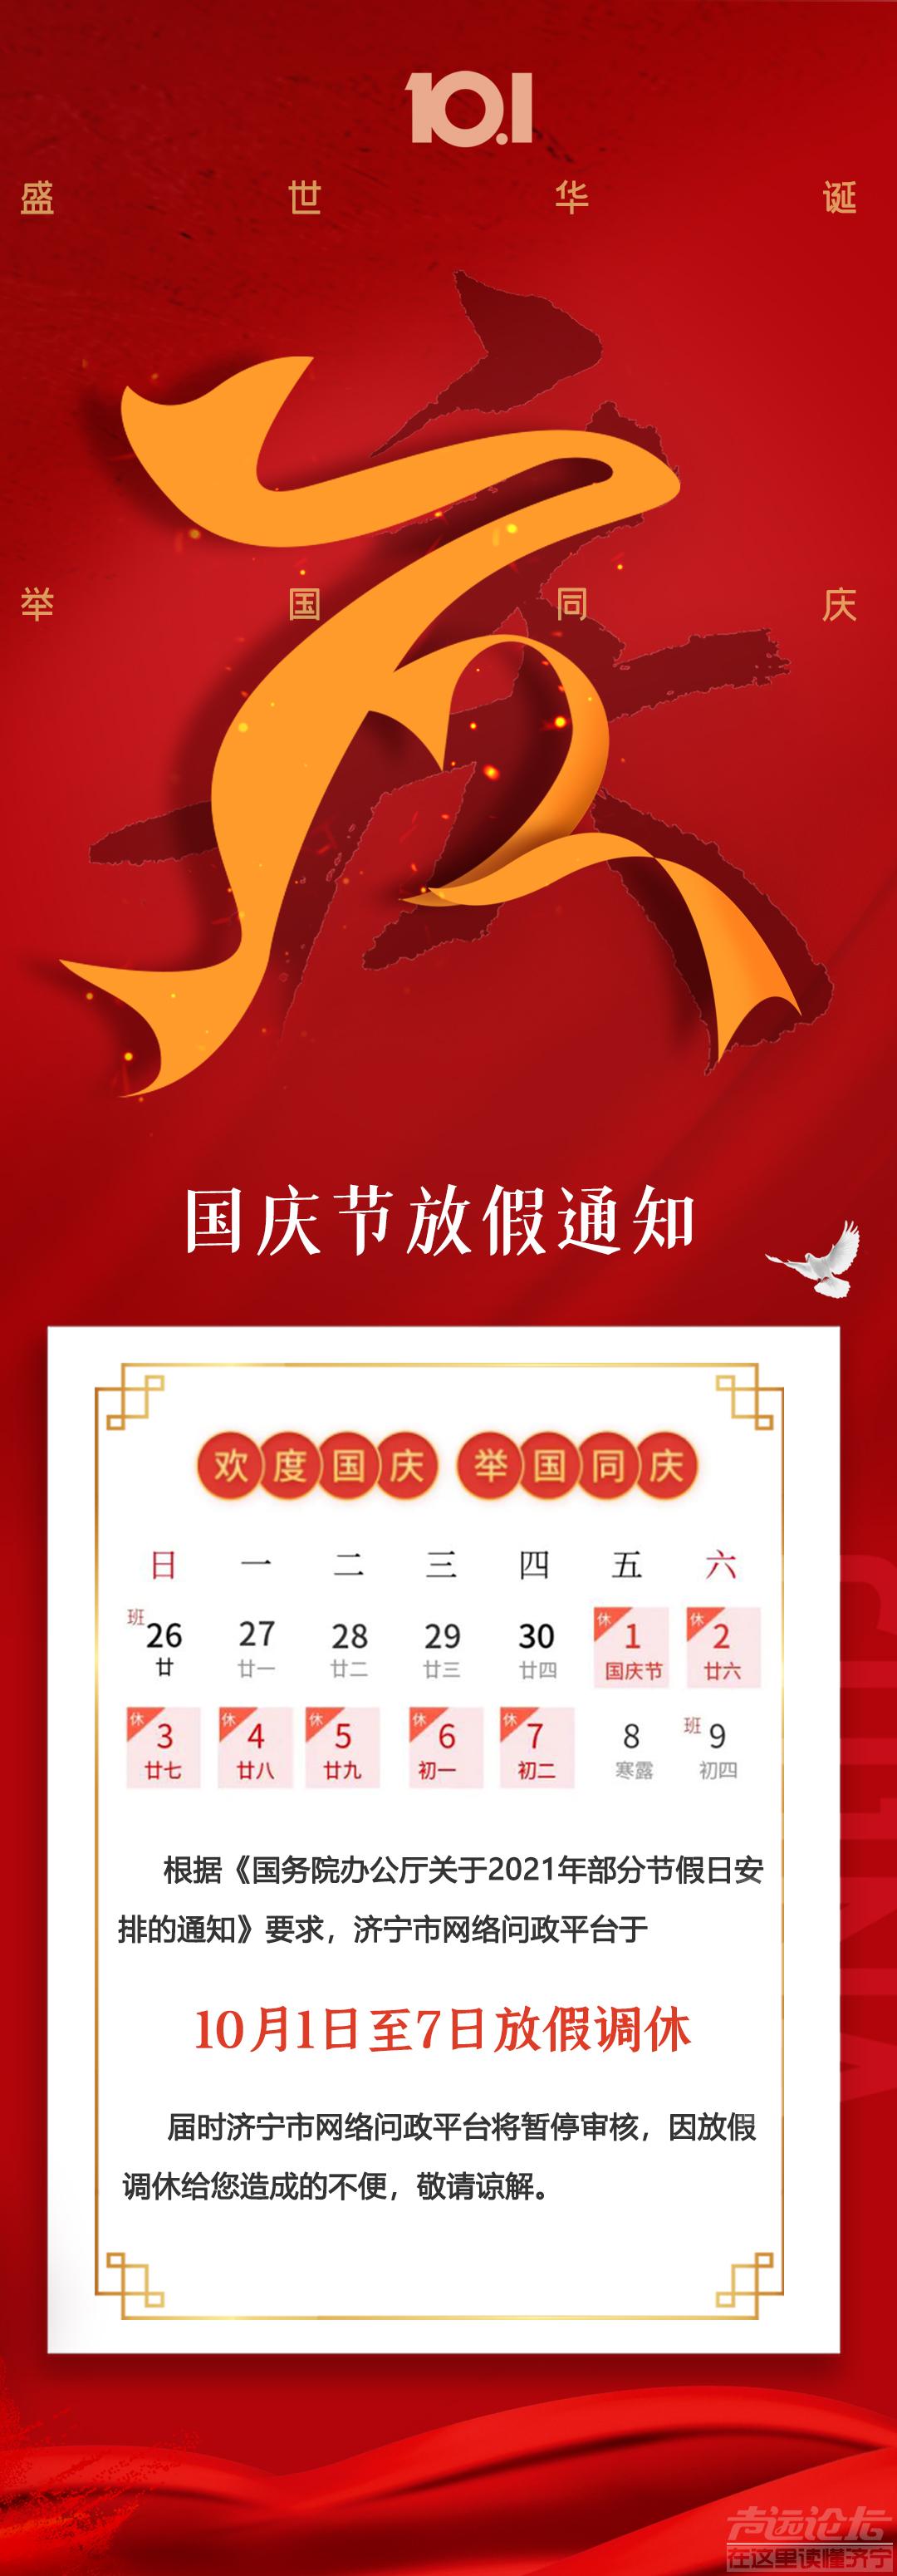 网络问政国庆放7天假,暂停审核-1.png